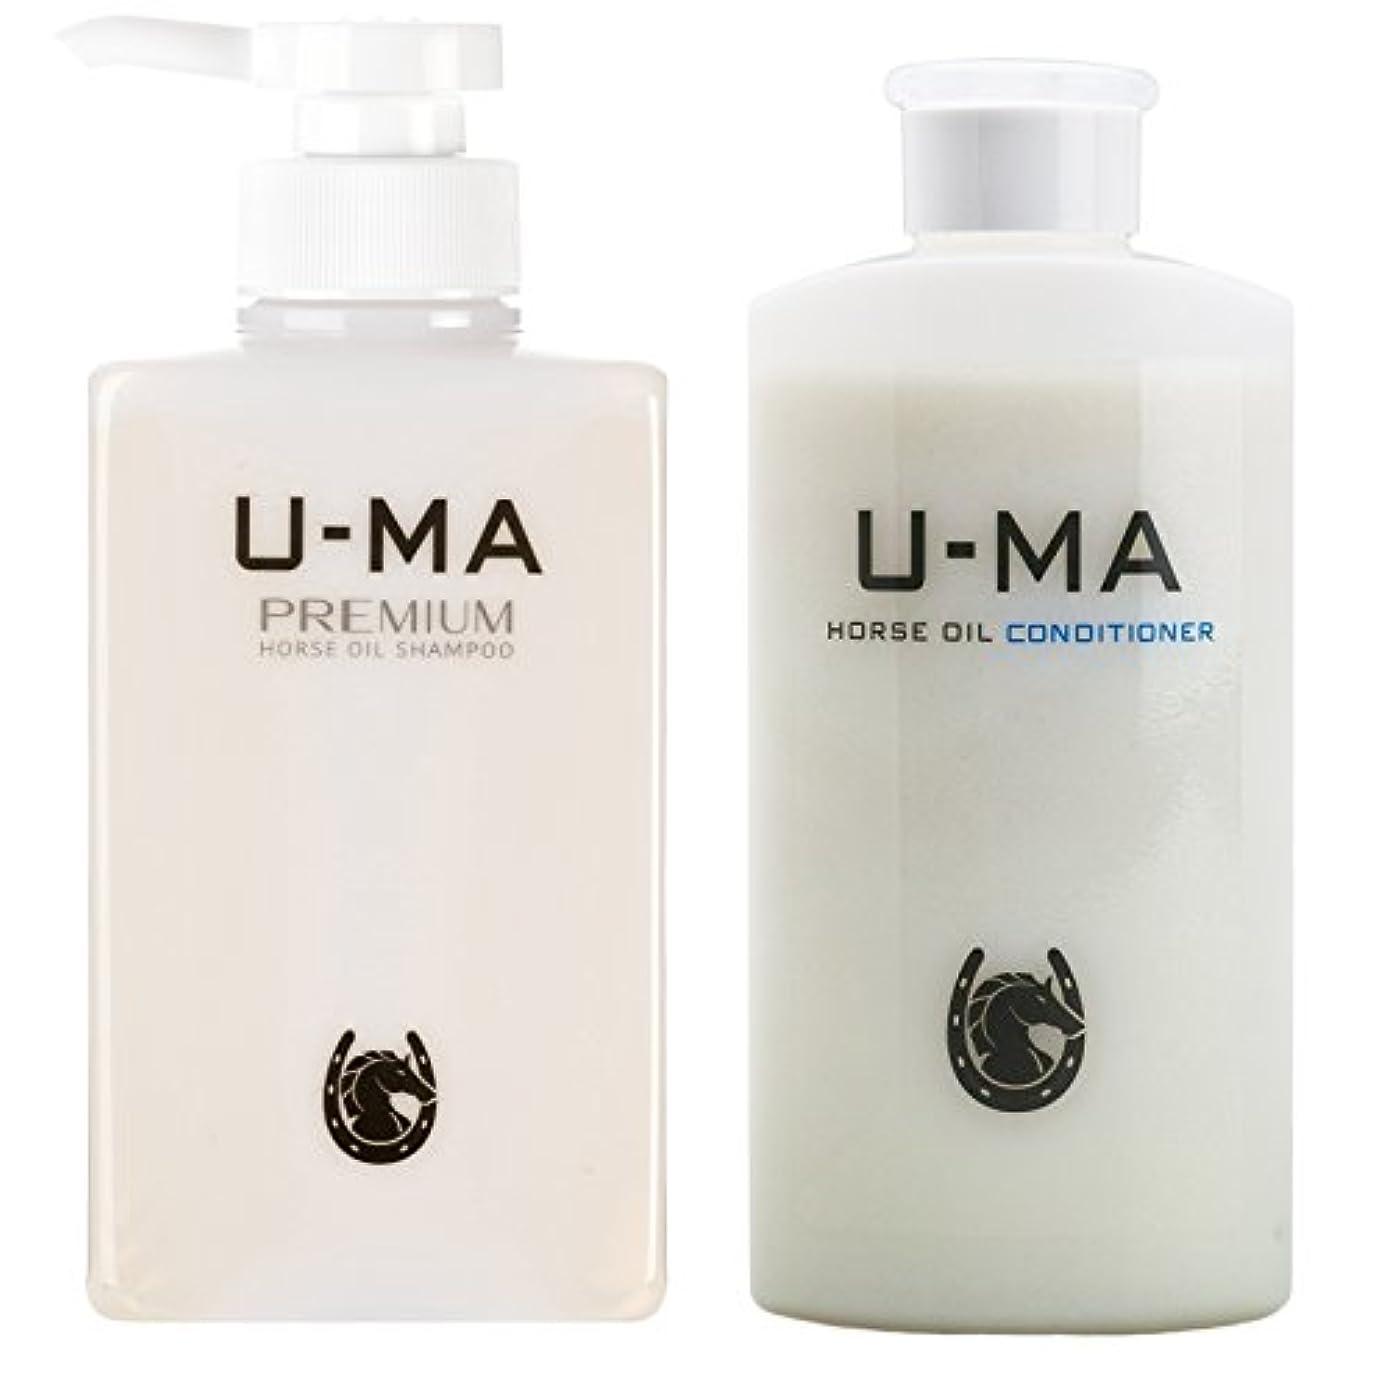 丁寧と非難するU-MA ウーマシャンプープレミアム 300ml (約2ヶ月分) & ウーマコンディショナー 300ml (約2ヶ月分)